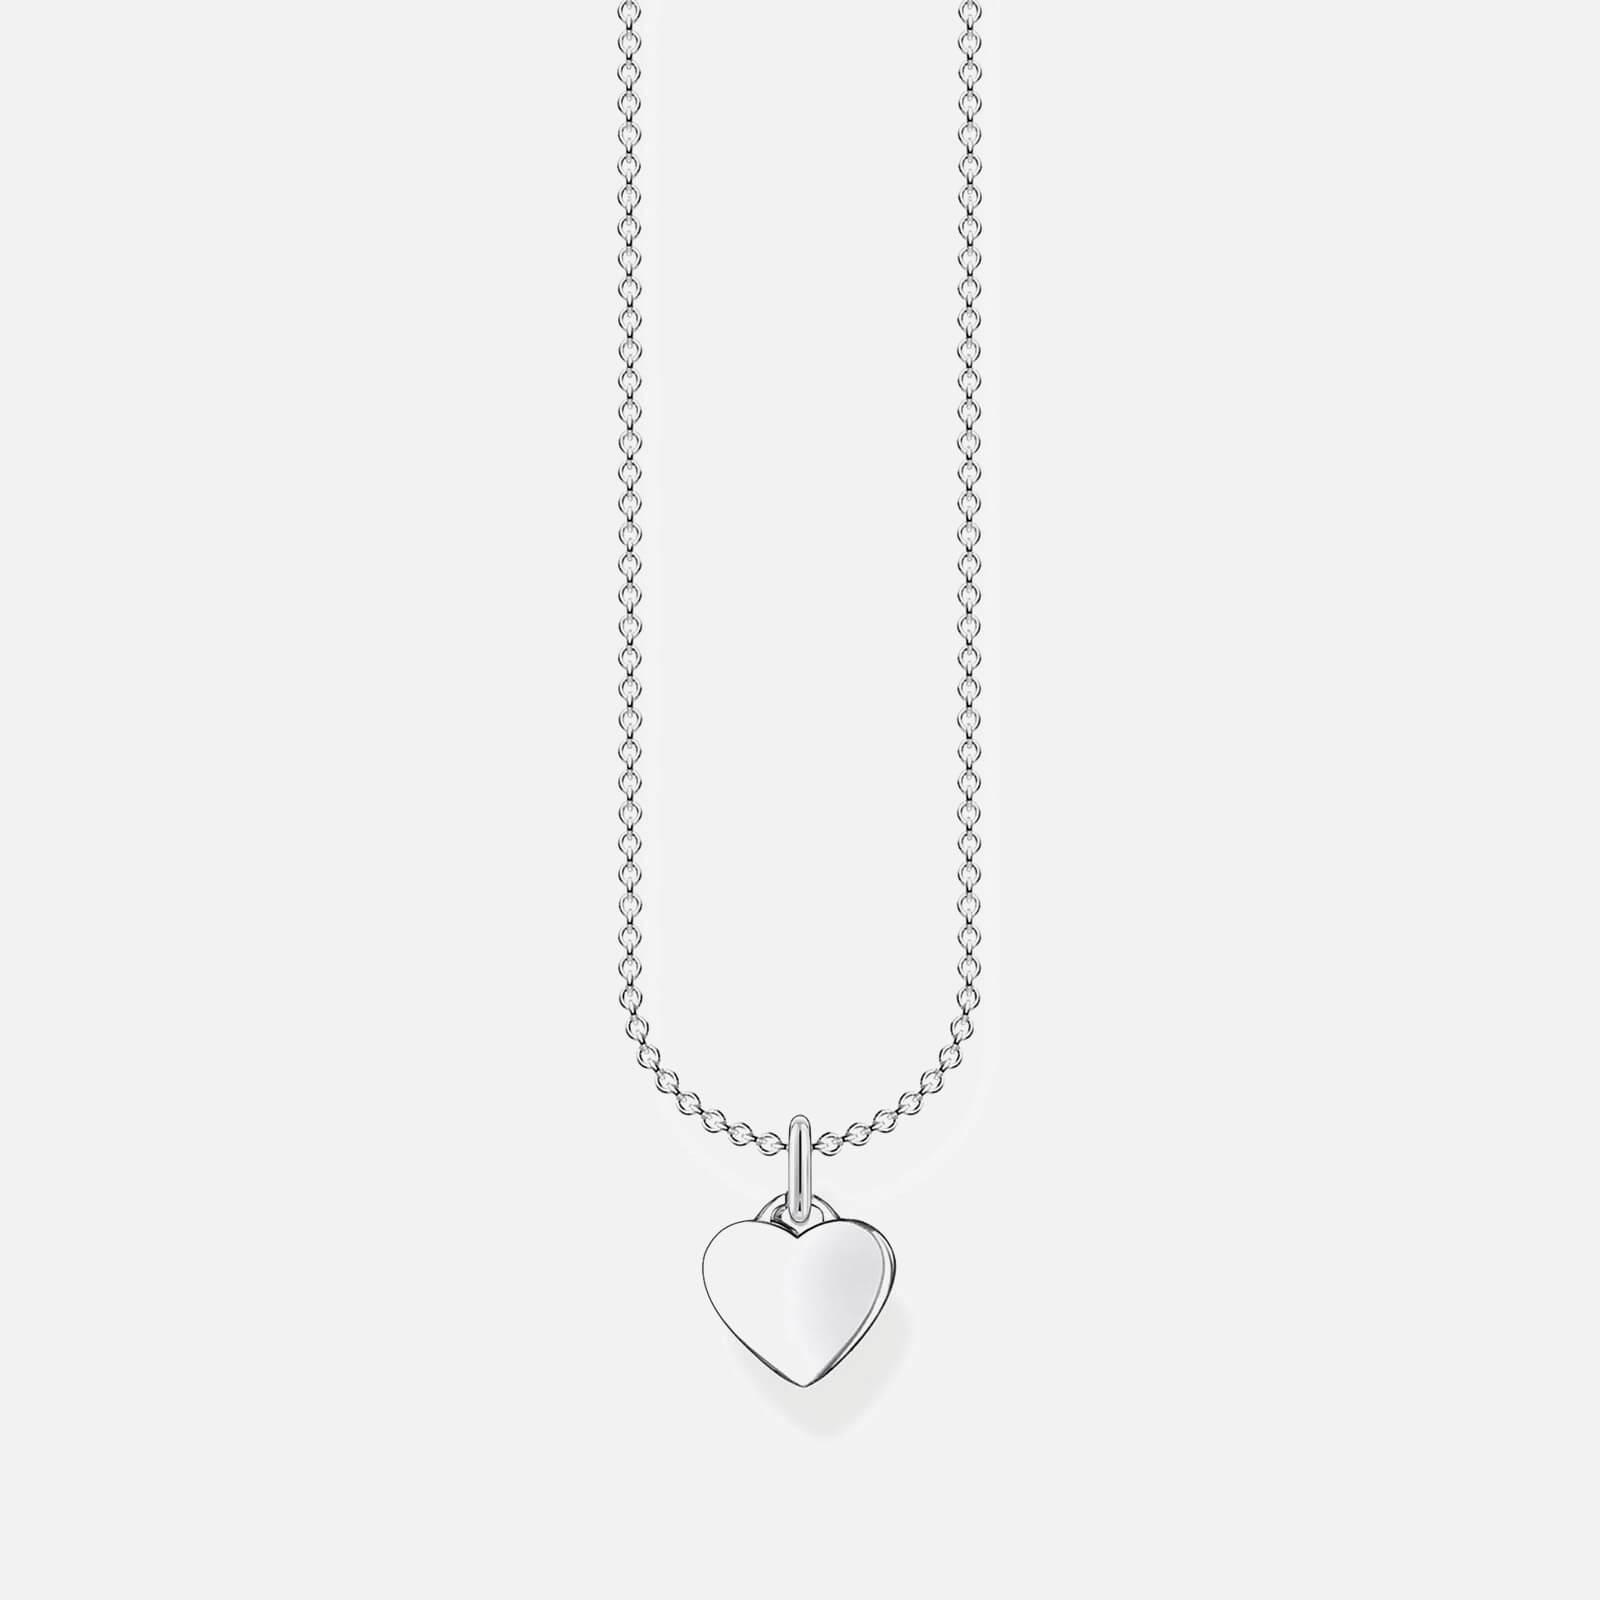 Thomas Sabo Women's Heart Necklace - Silver